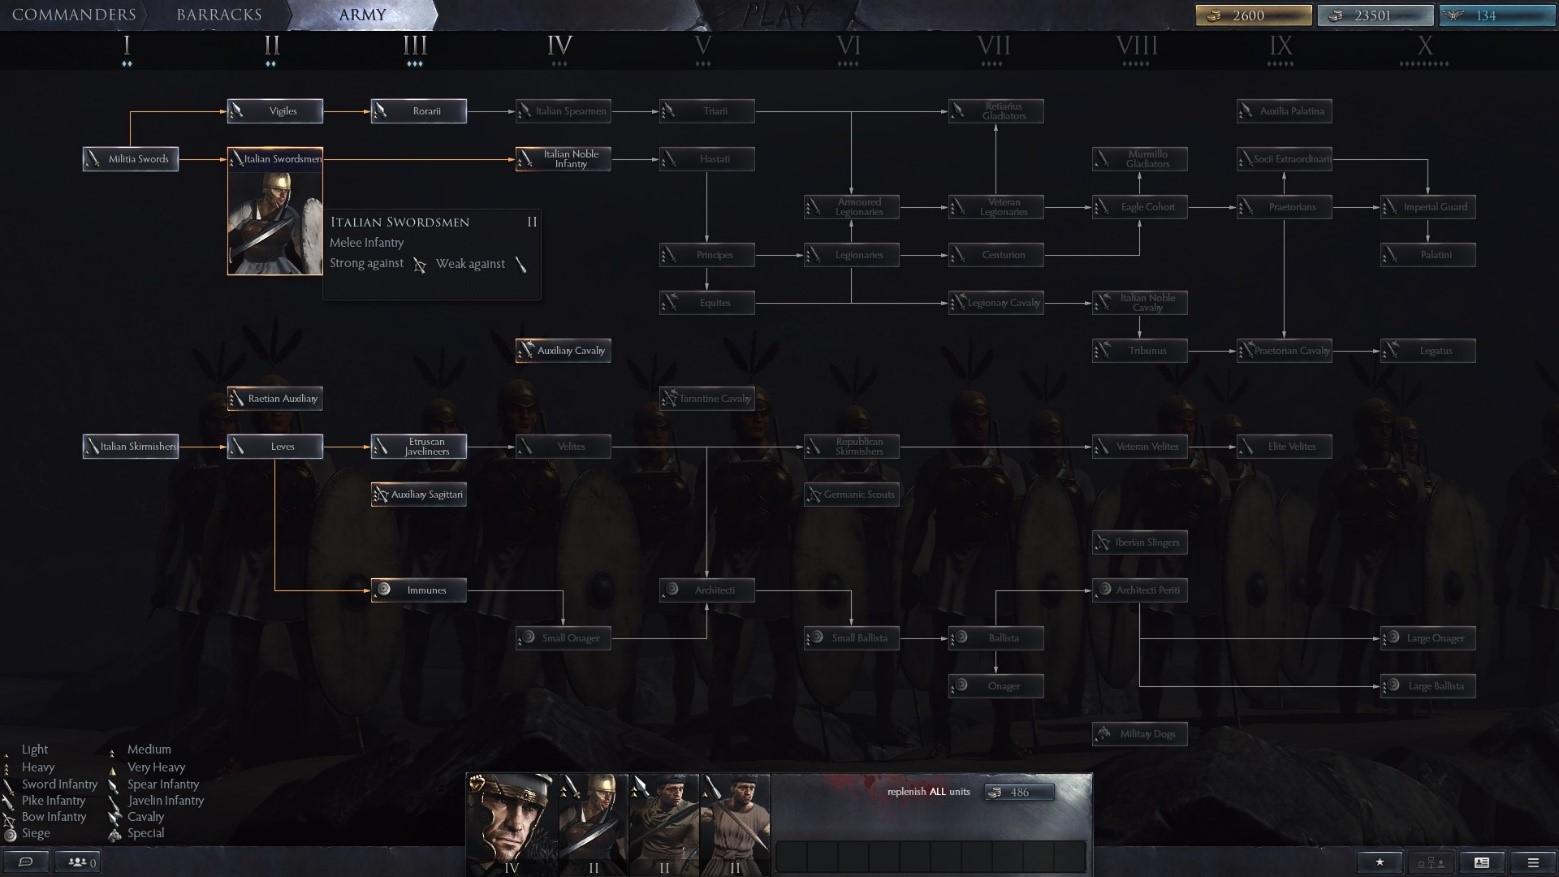 Рис. 7 – Дерево умений и уровень армии